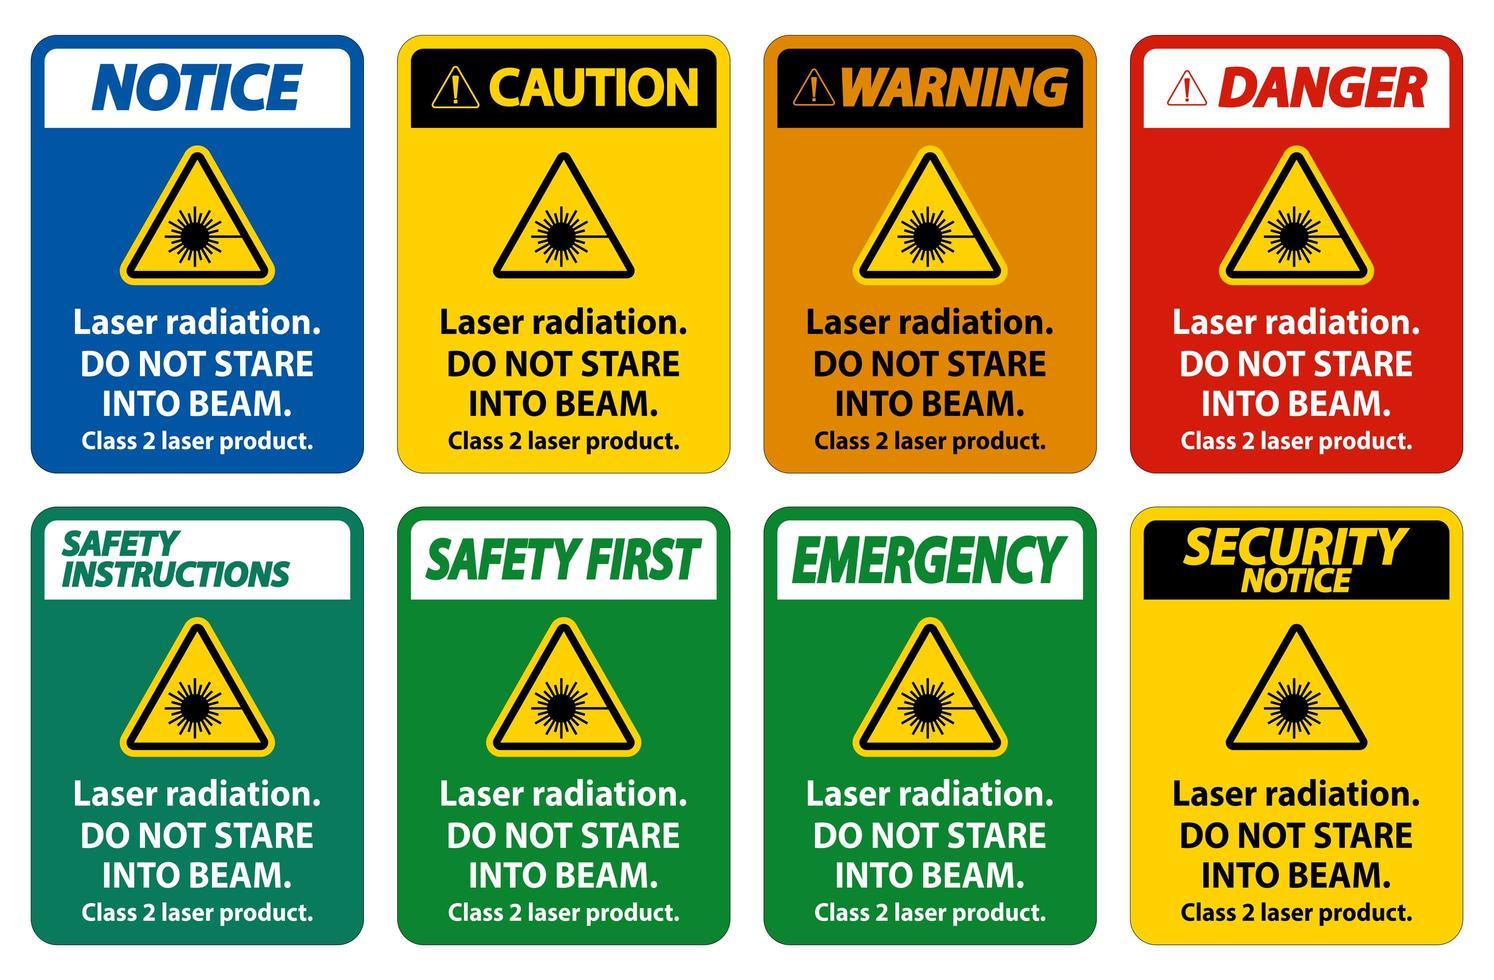 sinais de radiação laser vetor